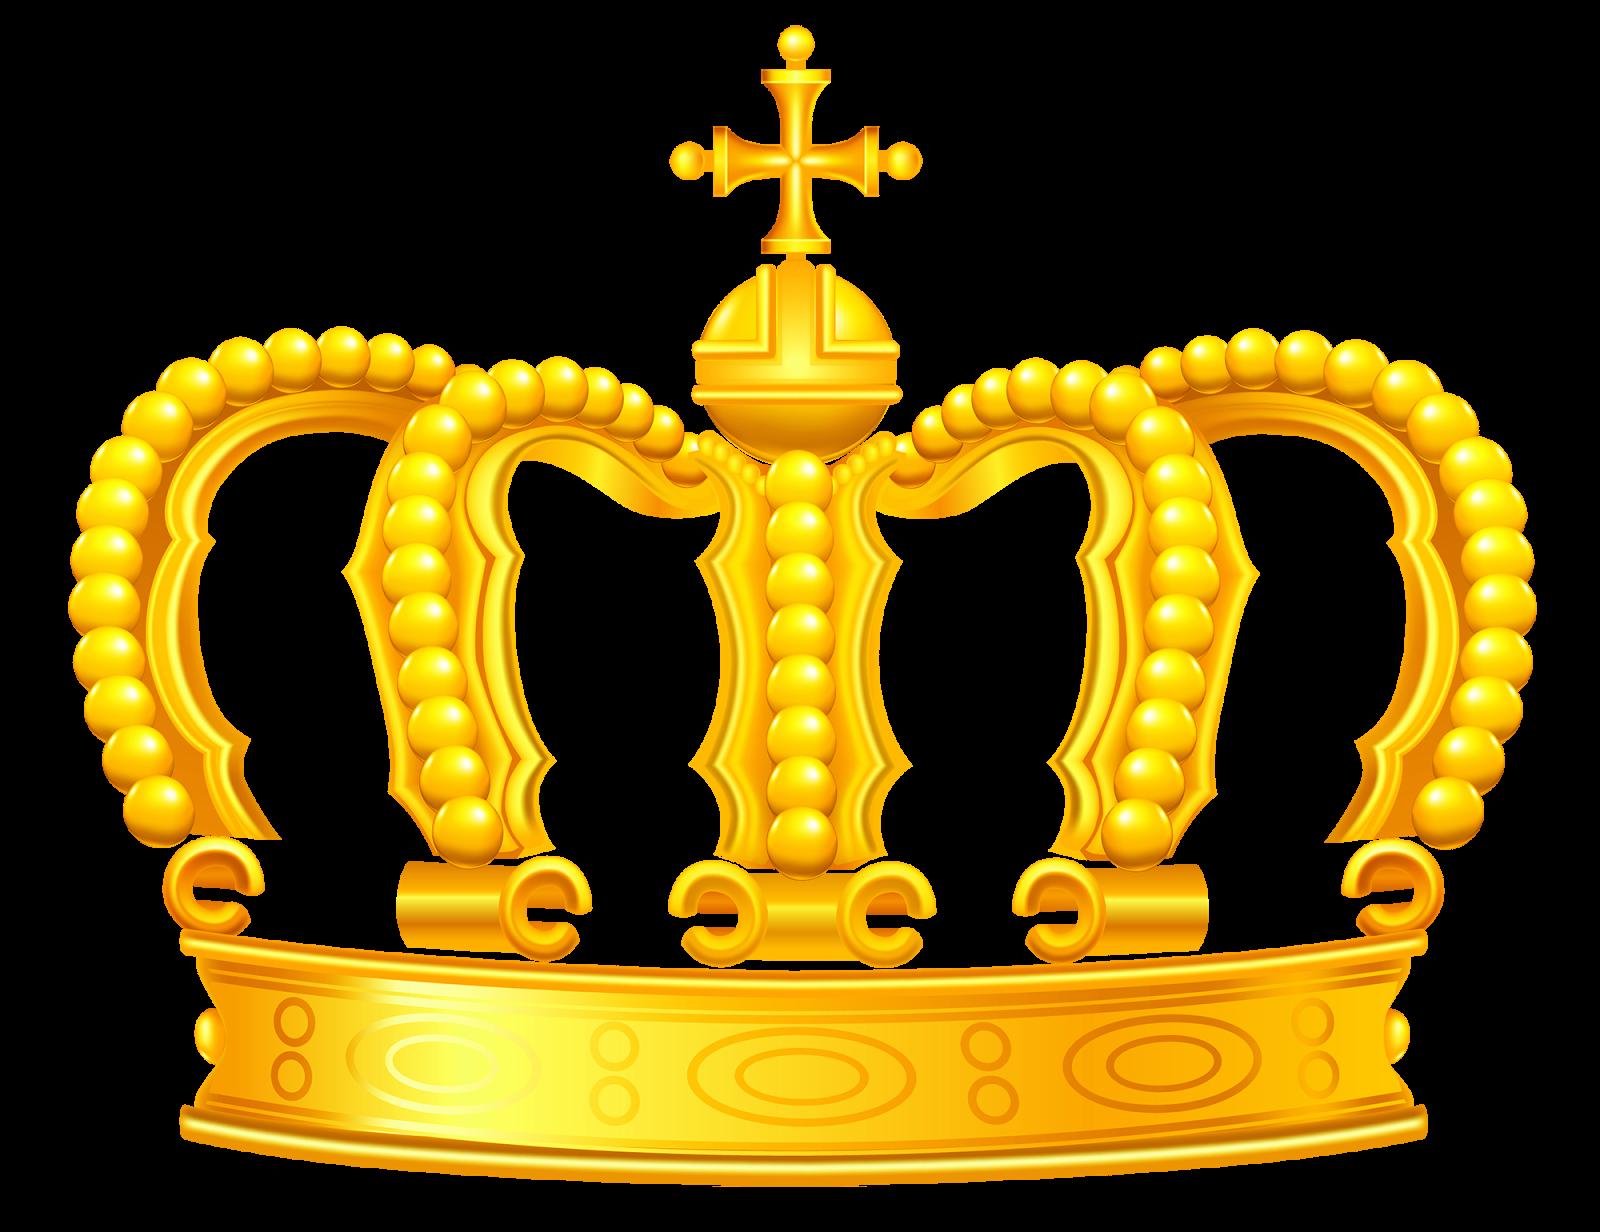 Rapunzel clipart crown. Artes ideias moldes personalizados